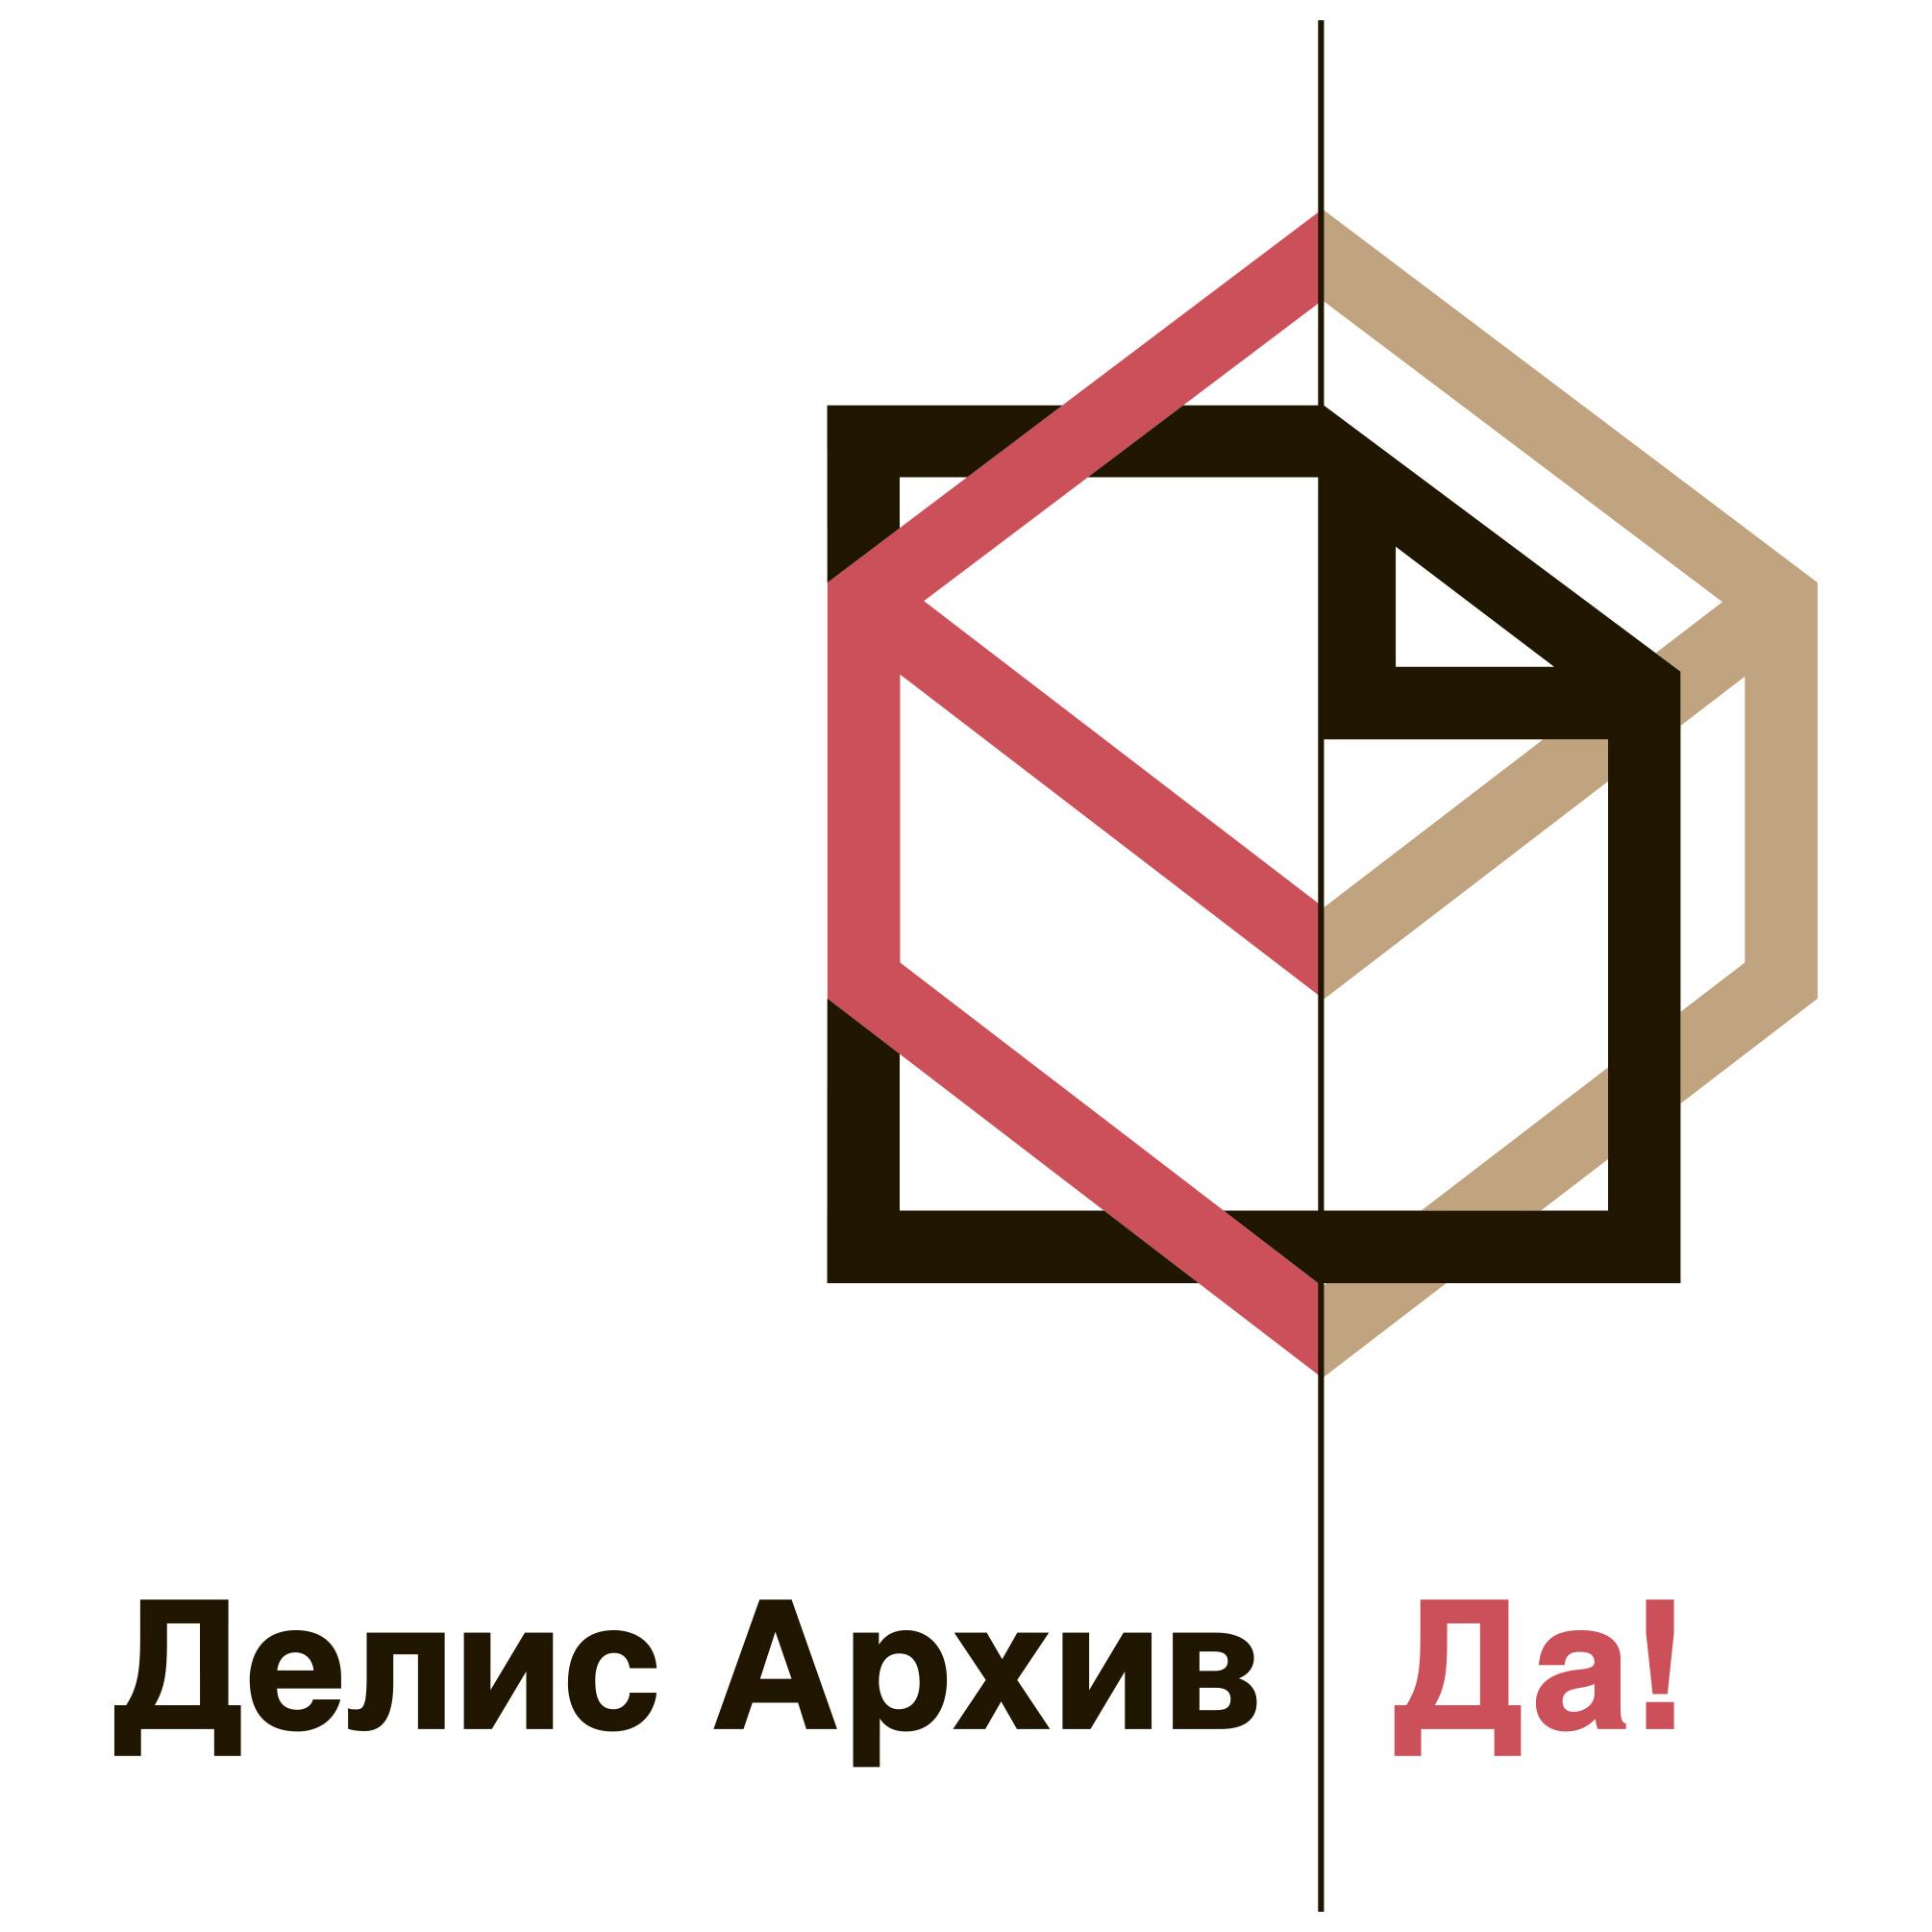 Делис Альянс